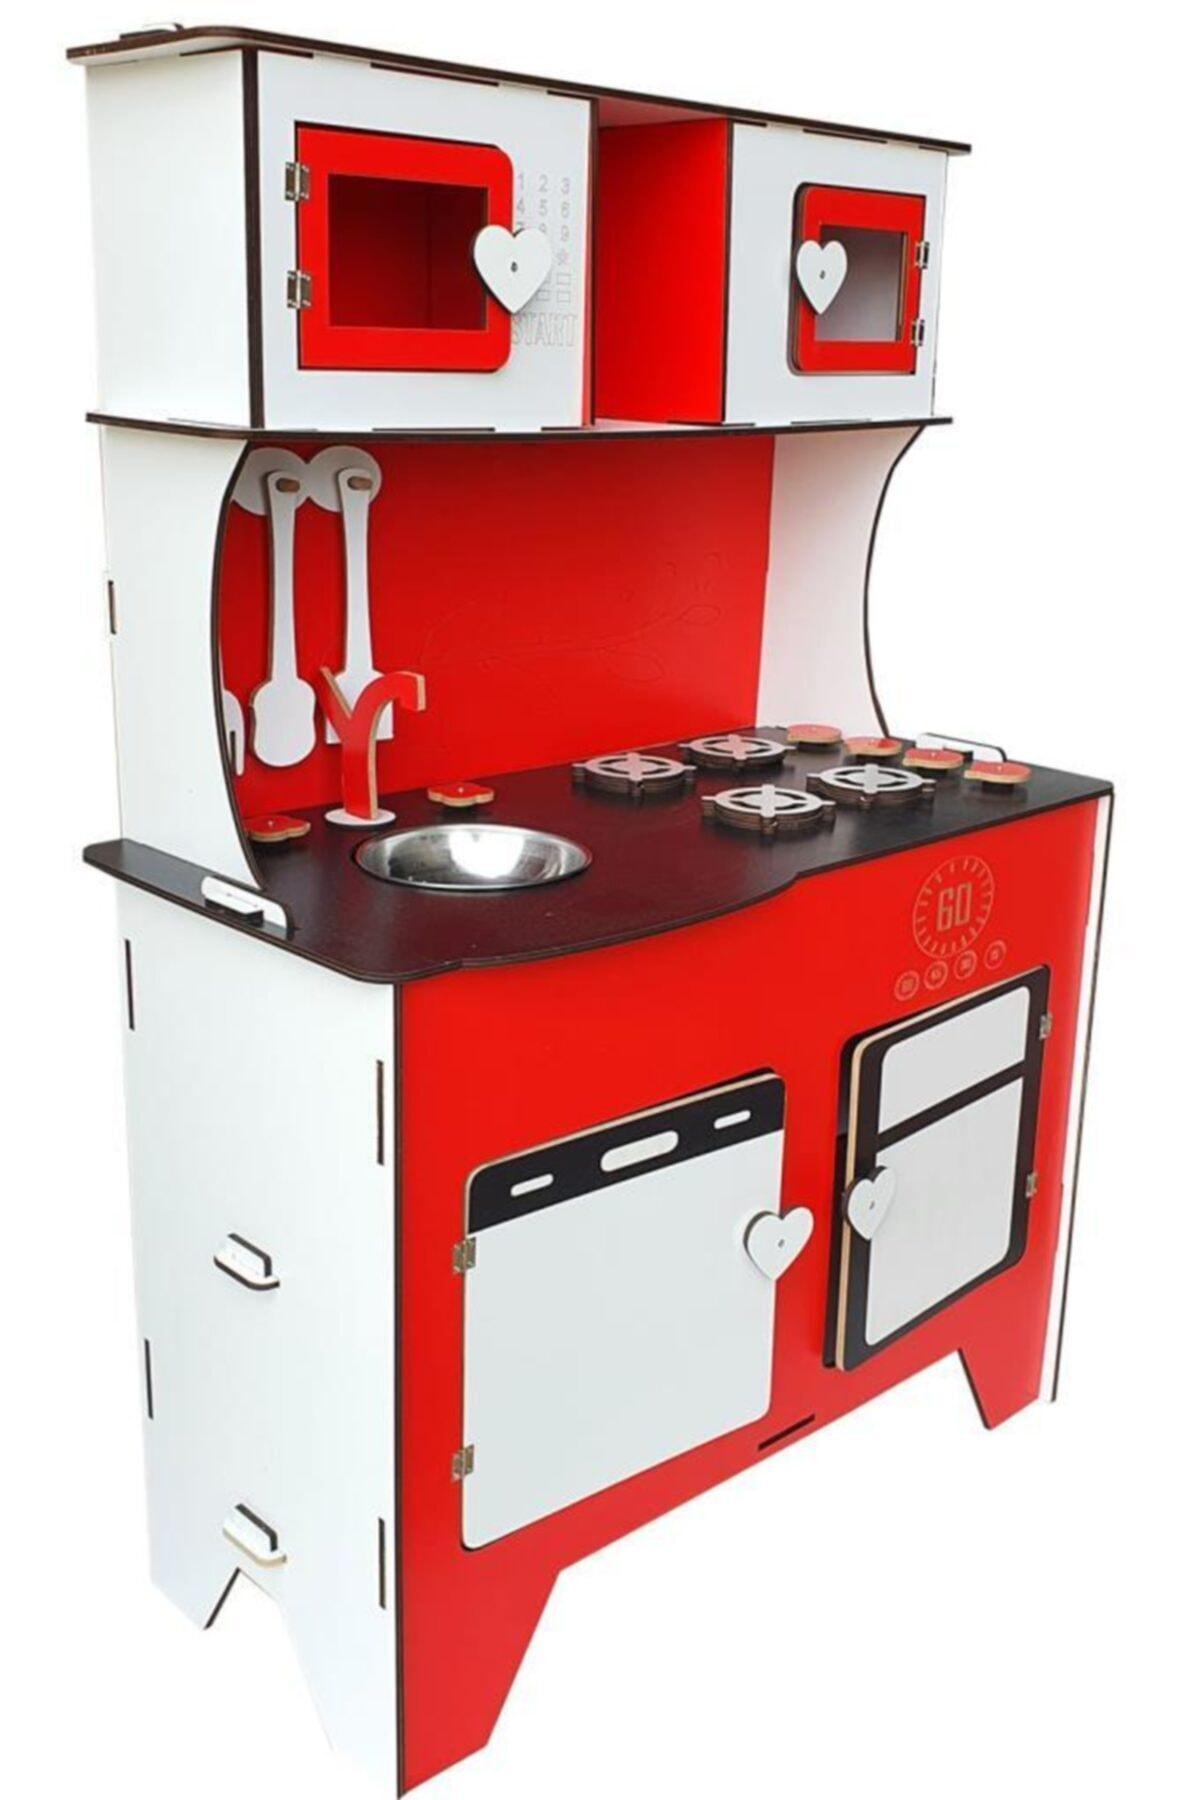 WoodyLife 104 cm Çocuk Odası Ahşap Mutfak Montessori Oyuncak Dolabı Kırmızı Zeytindalı Oyunevi 2